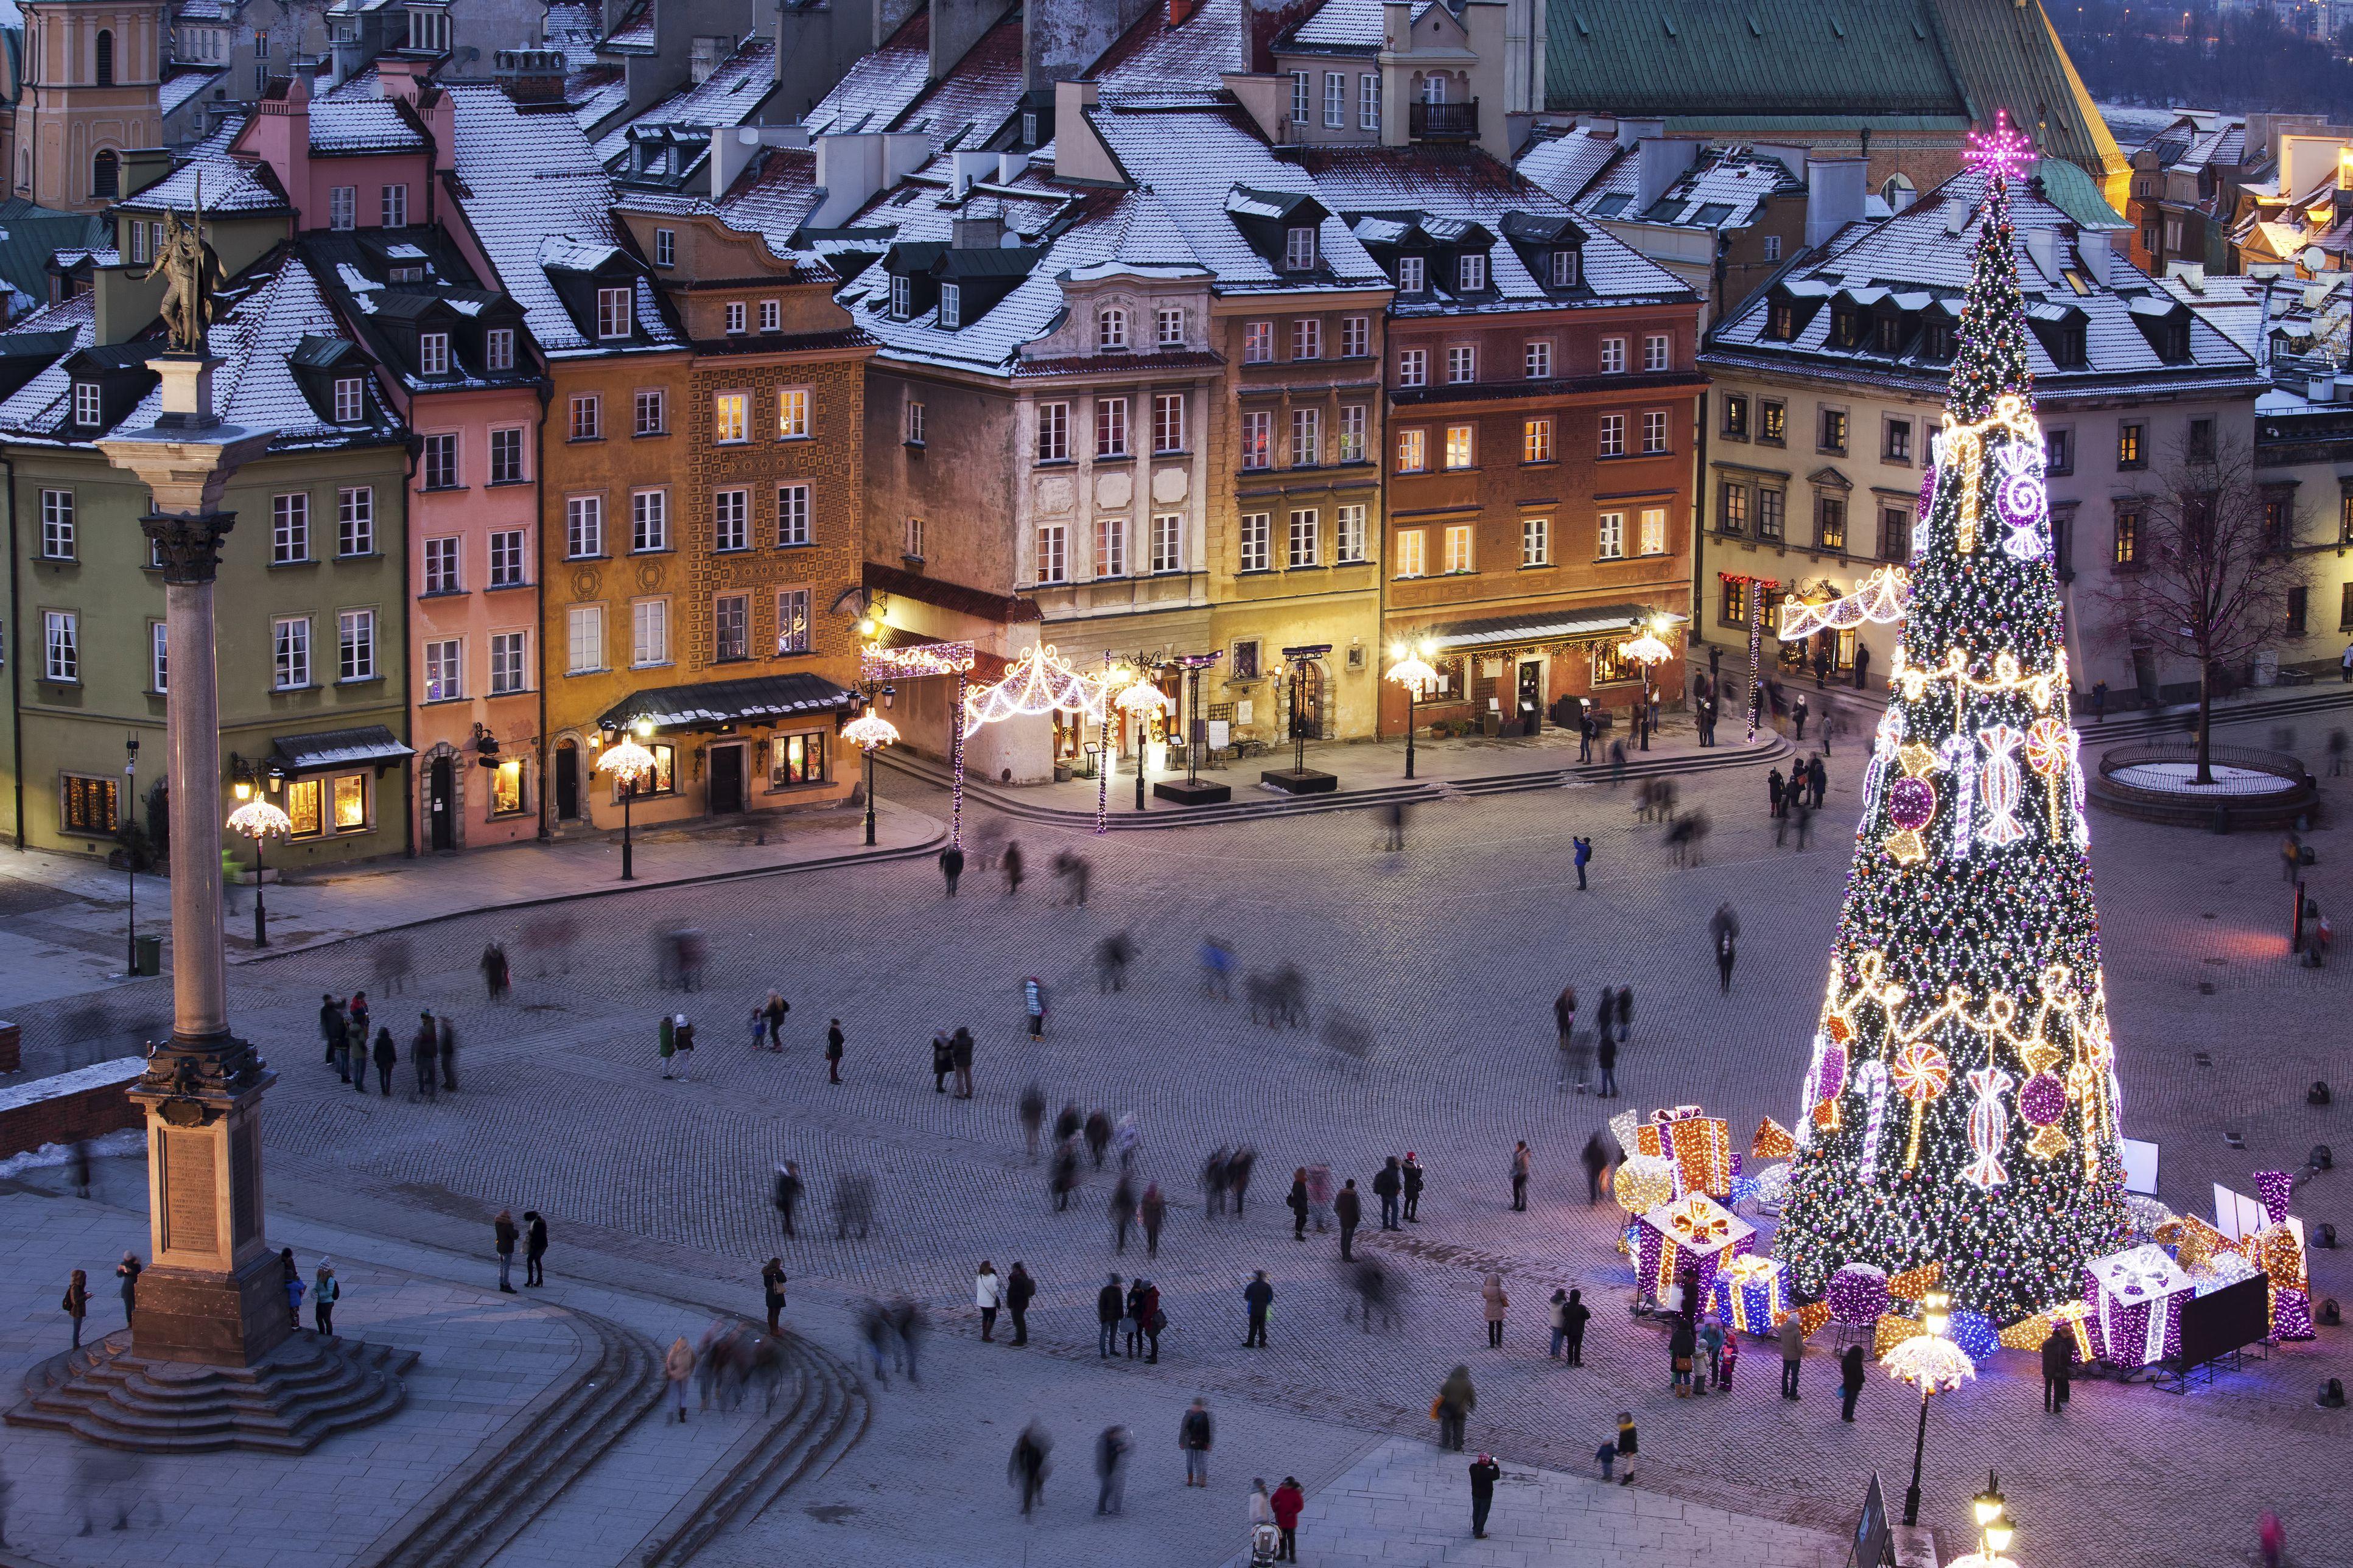 PunjabKesari,Warsaw Poland